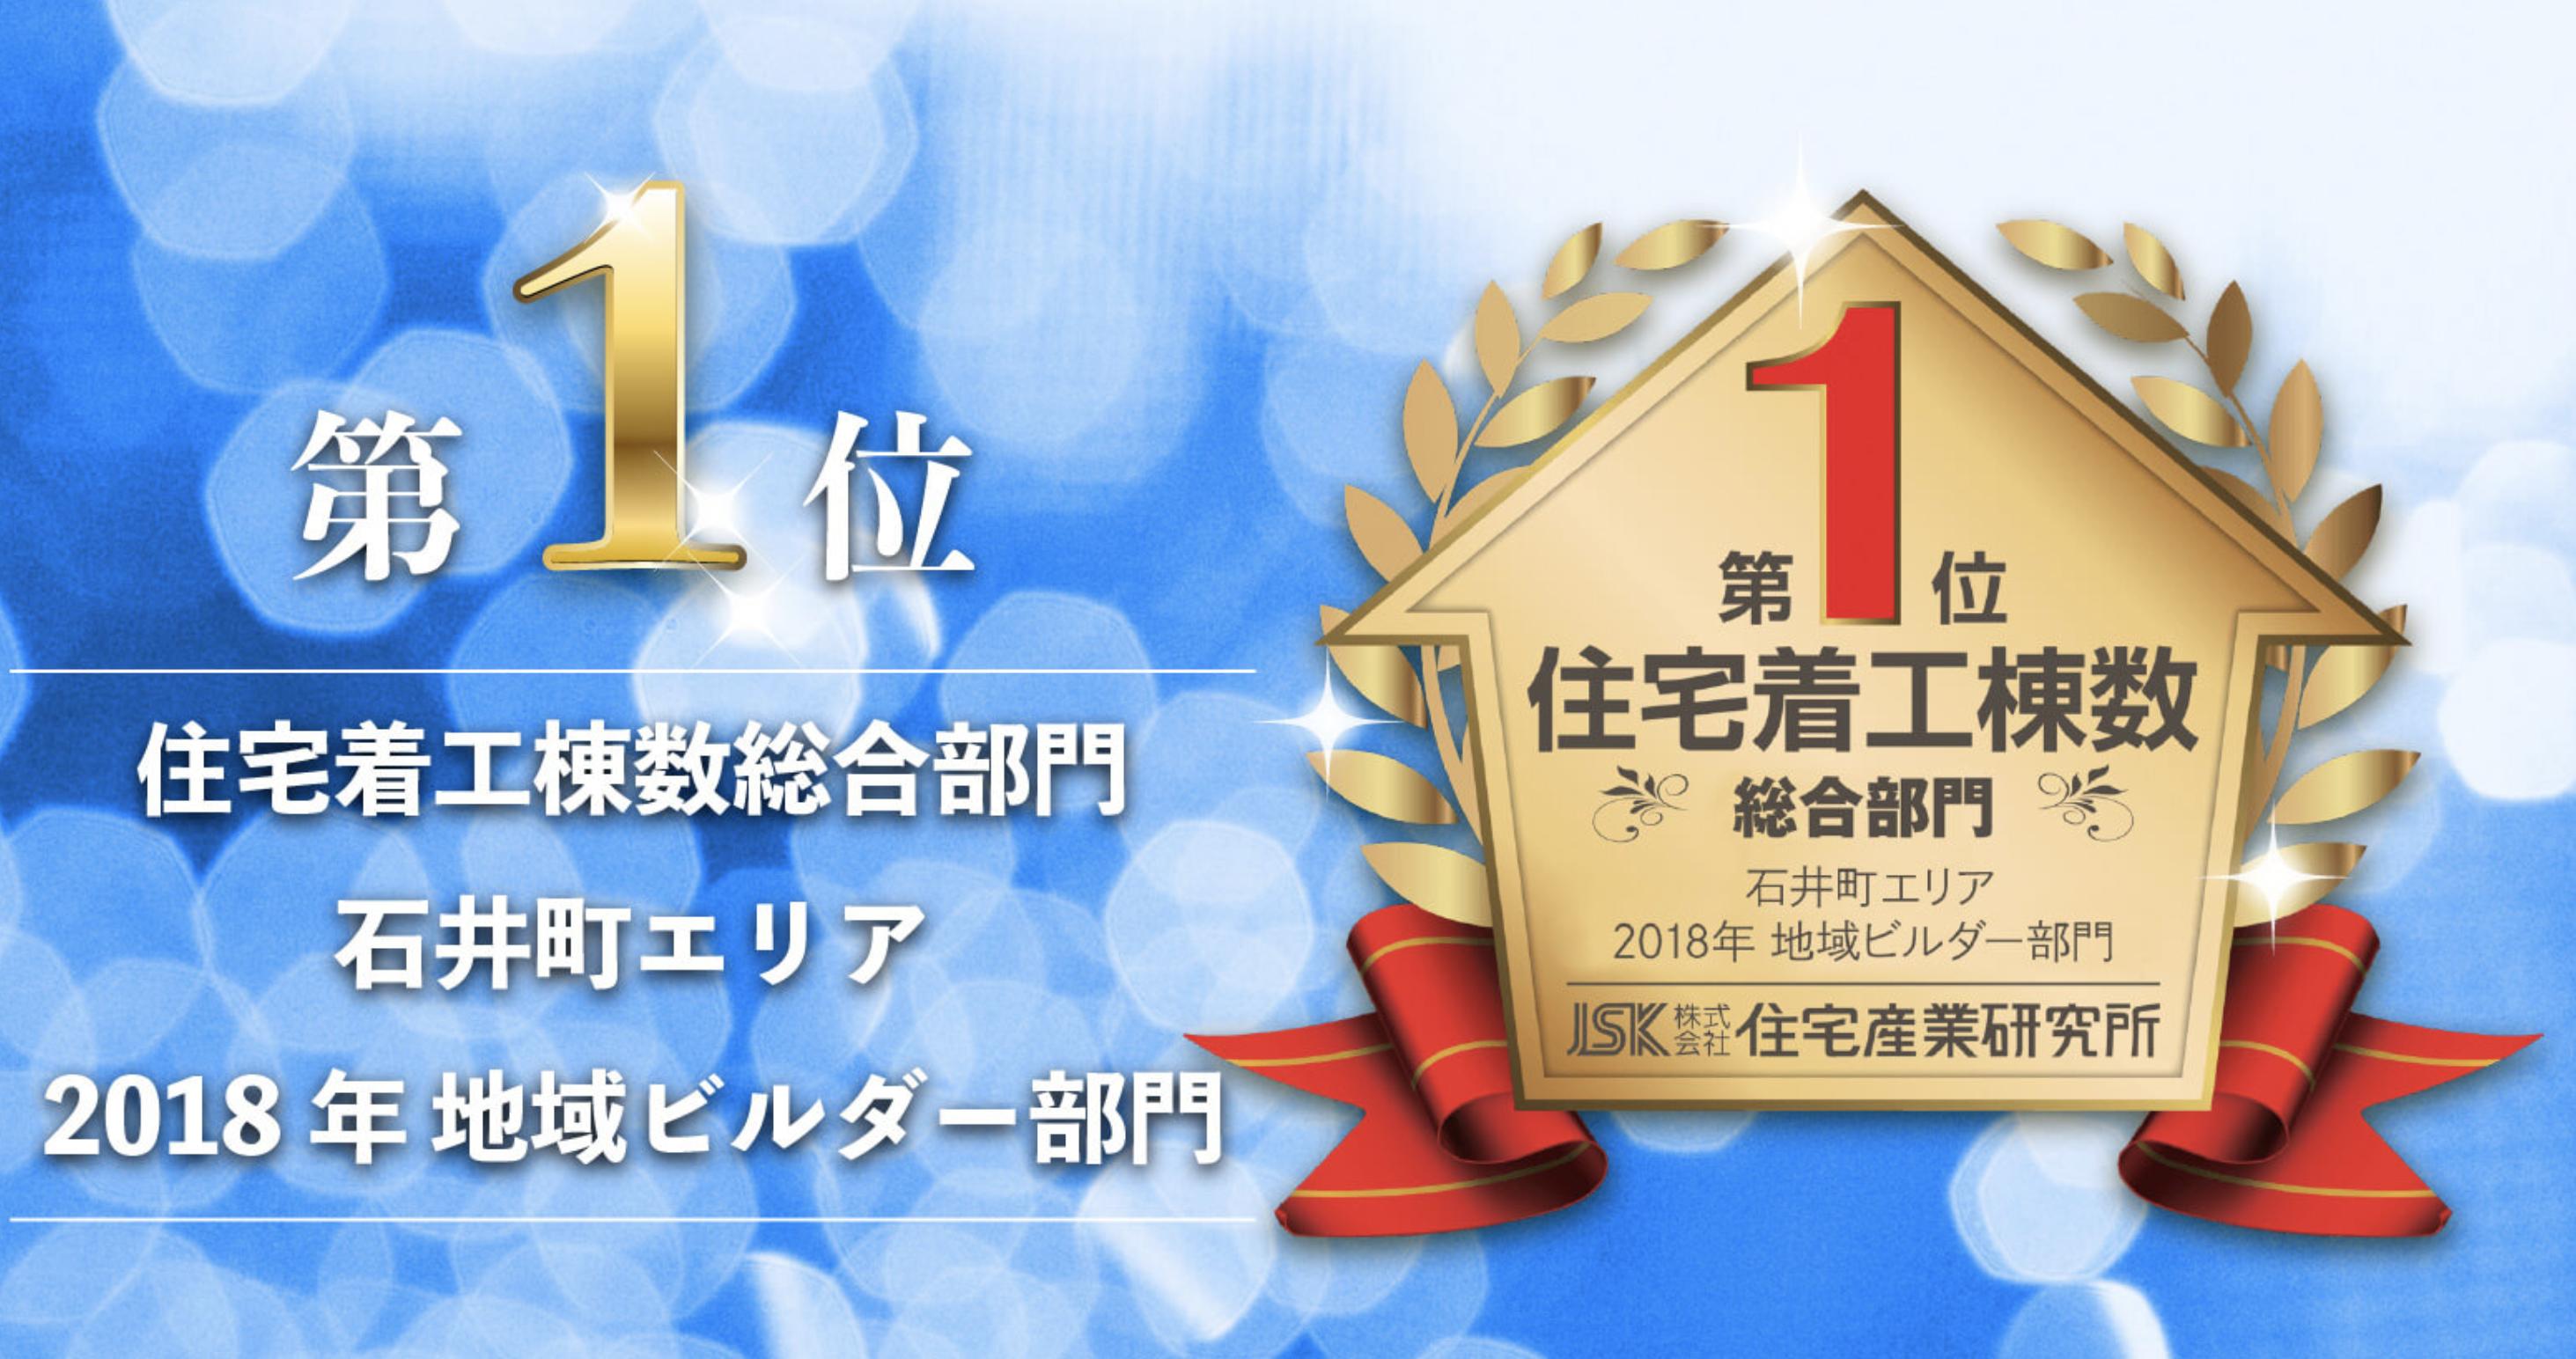 かみくぼ住宅がJSK住宅産業研究様の集計において、石井町エリアで住宅着工棟数第1位(2018年度)を獲得しました。